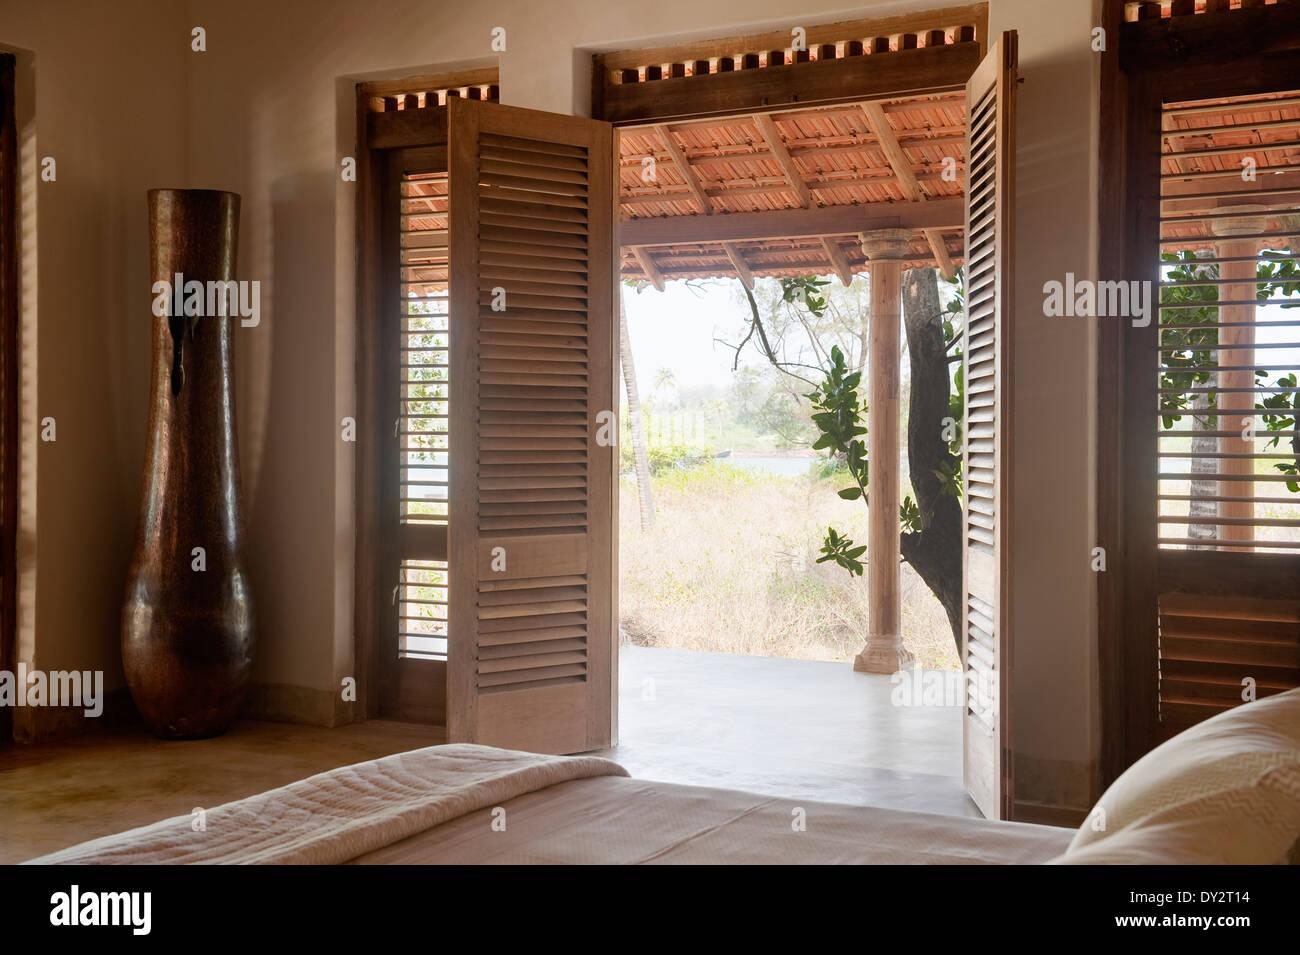 Double doors open from bedroom to veranda of Goan beach house retreat India & Double doors open from bedroom to veranda of Goan beach house Stock ...